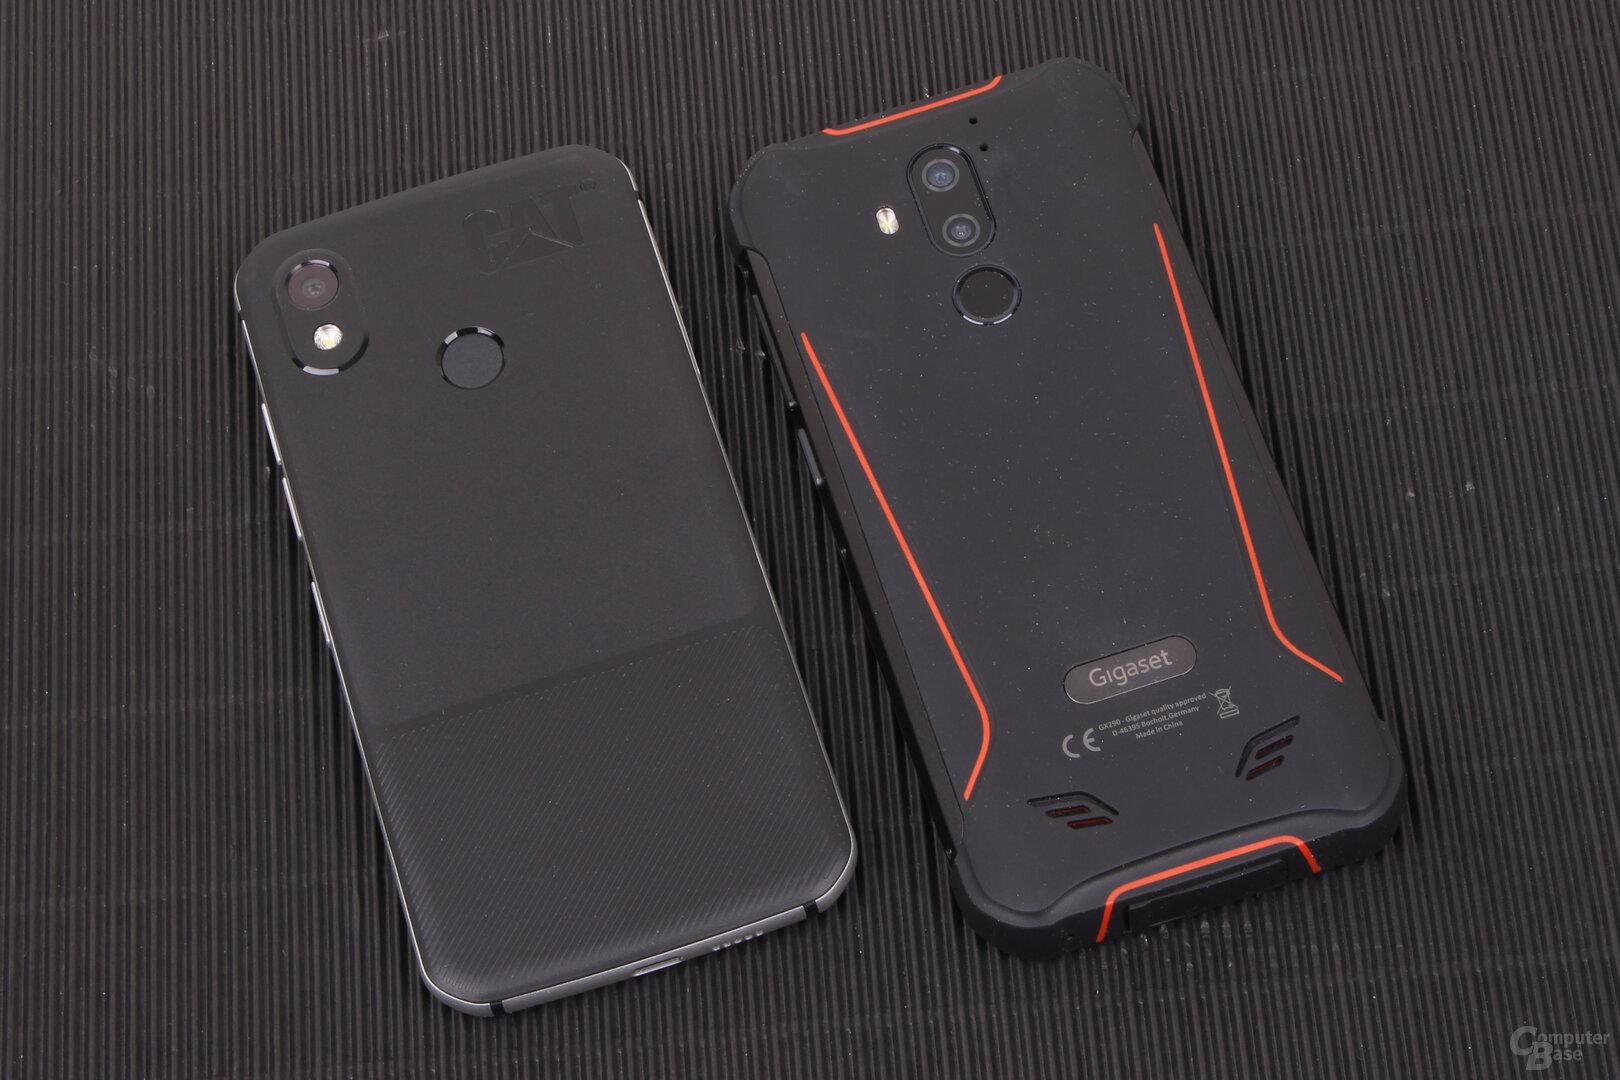 Cat S52 und Gigaset GX290